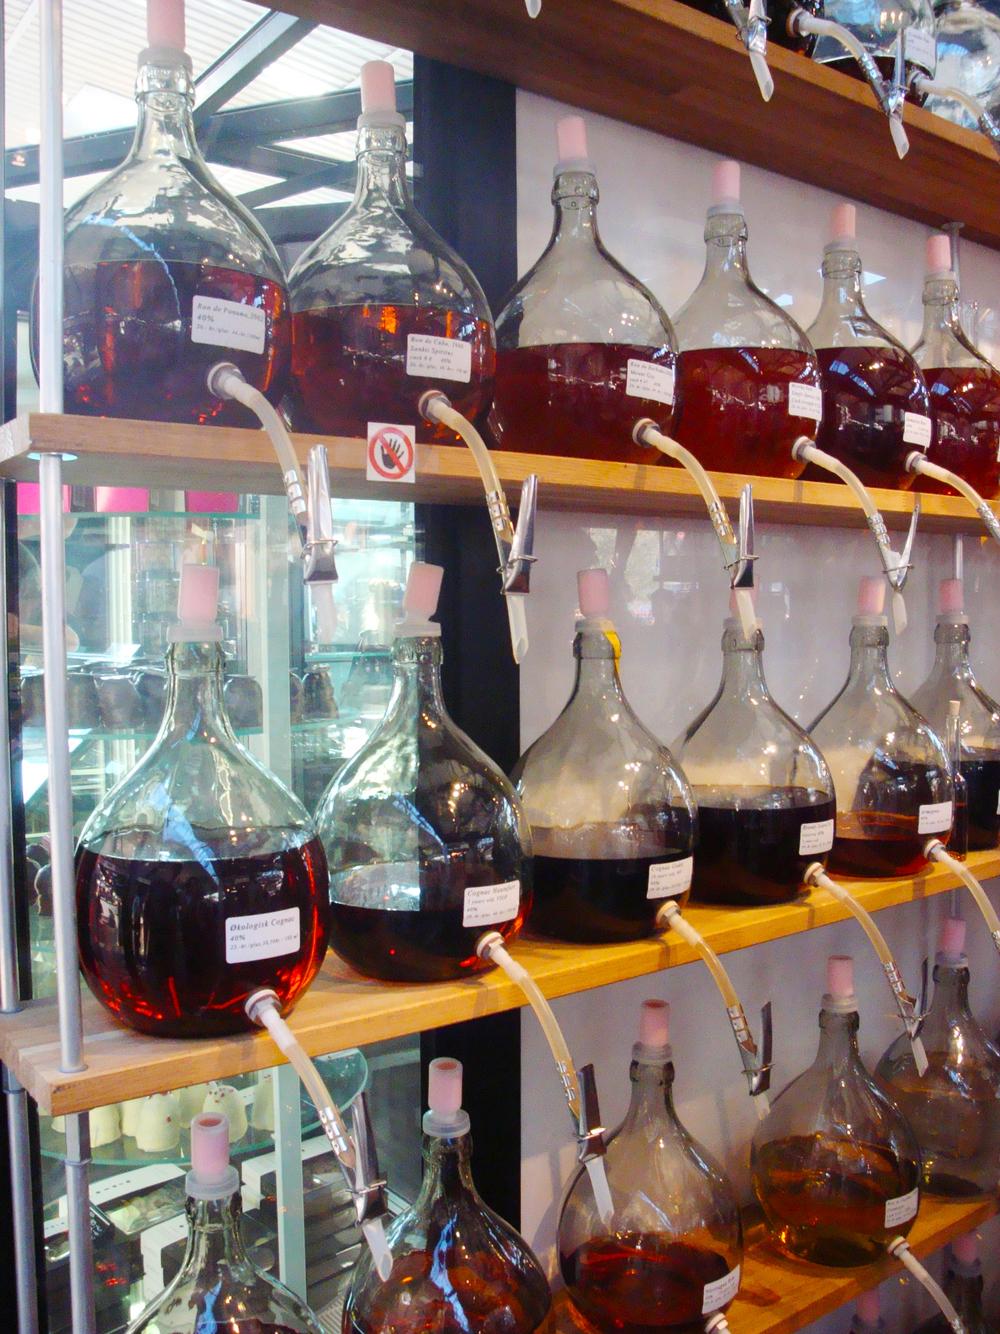 It's not ice tea...it's whiskey!